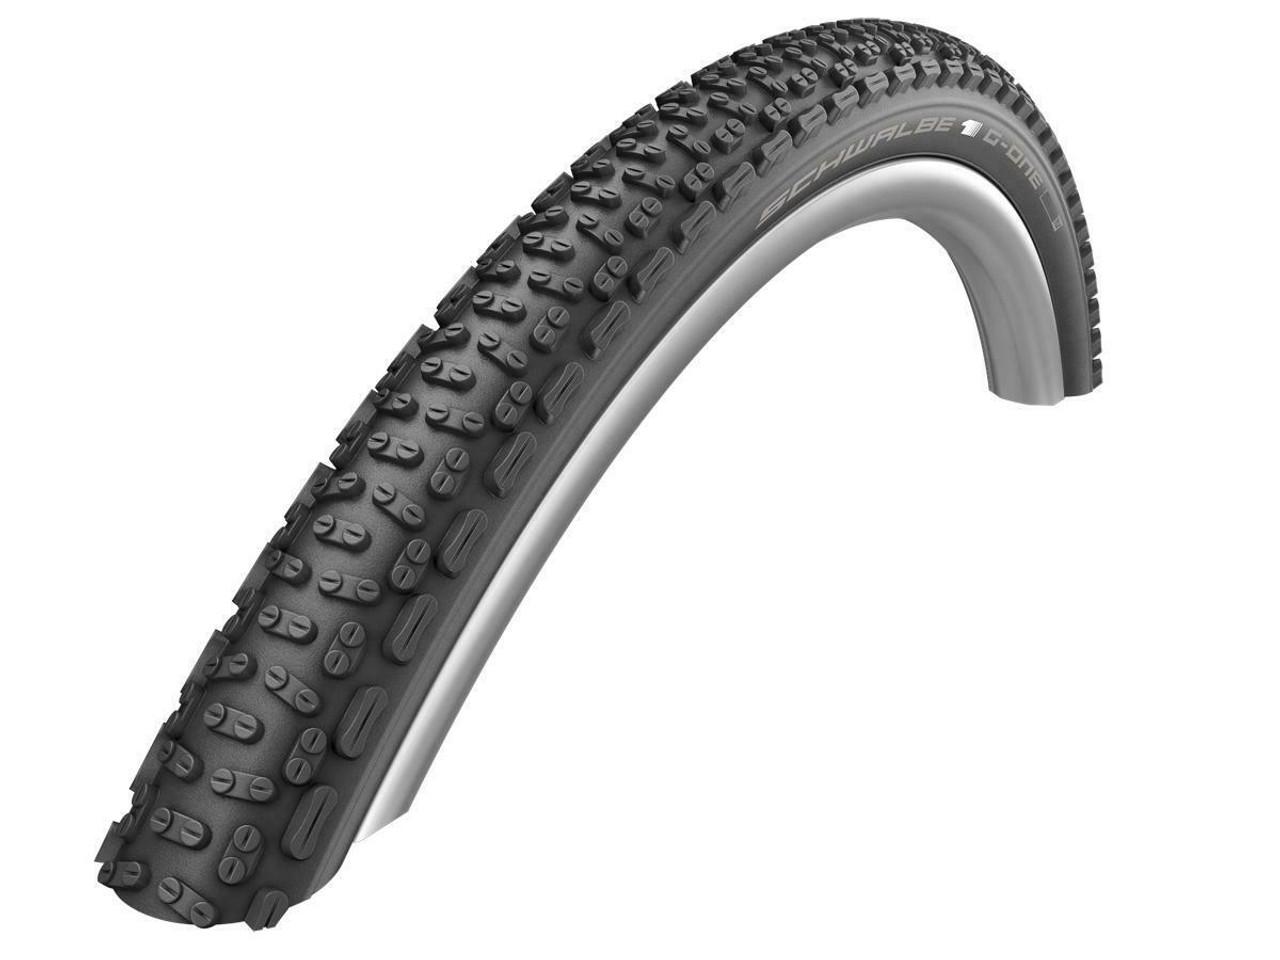 Schwalbe G-One Ultrabite TLE Addix SpeedGrip Evolution Tyre in Black